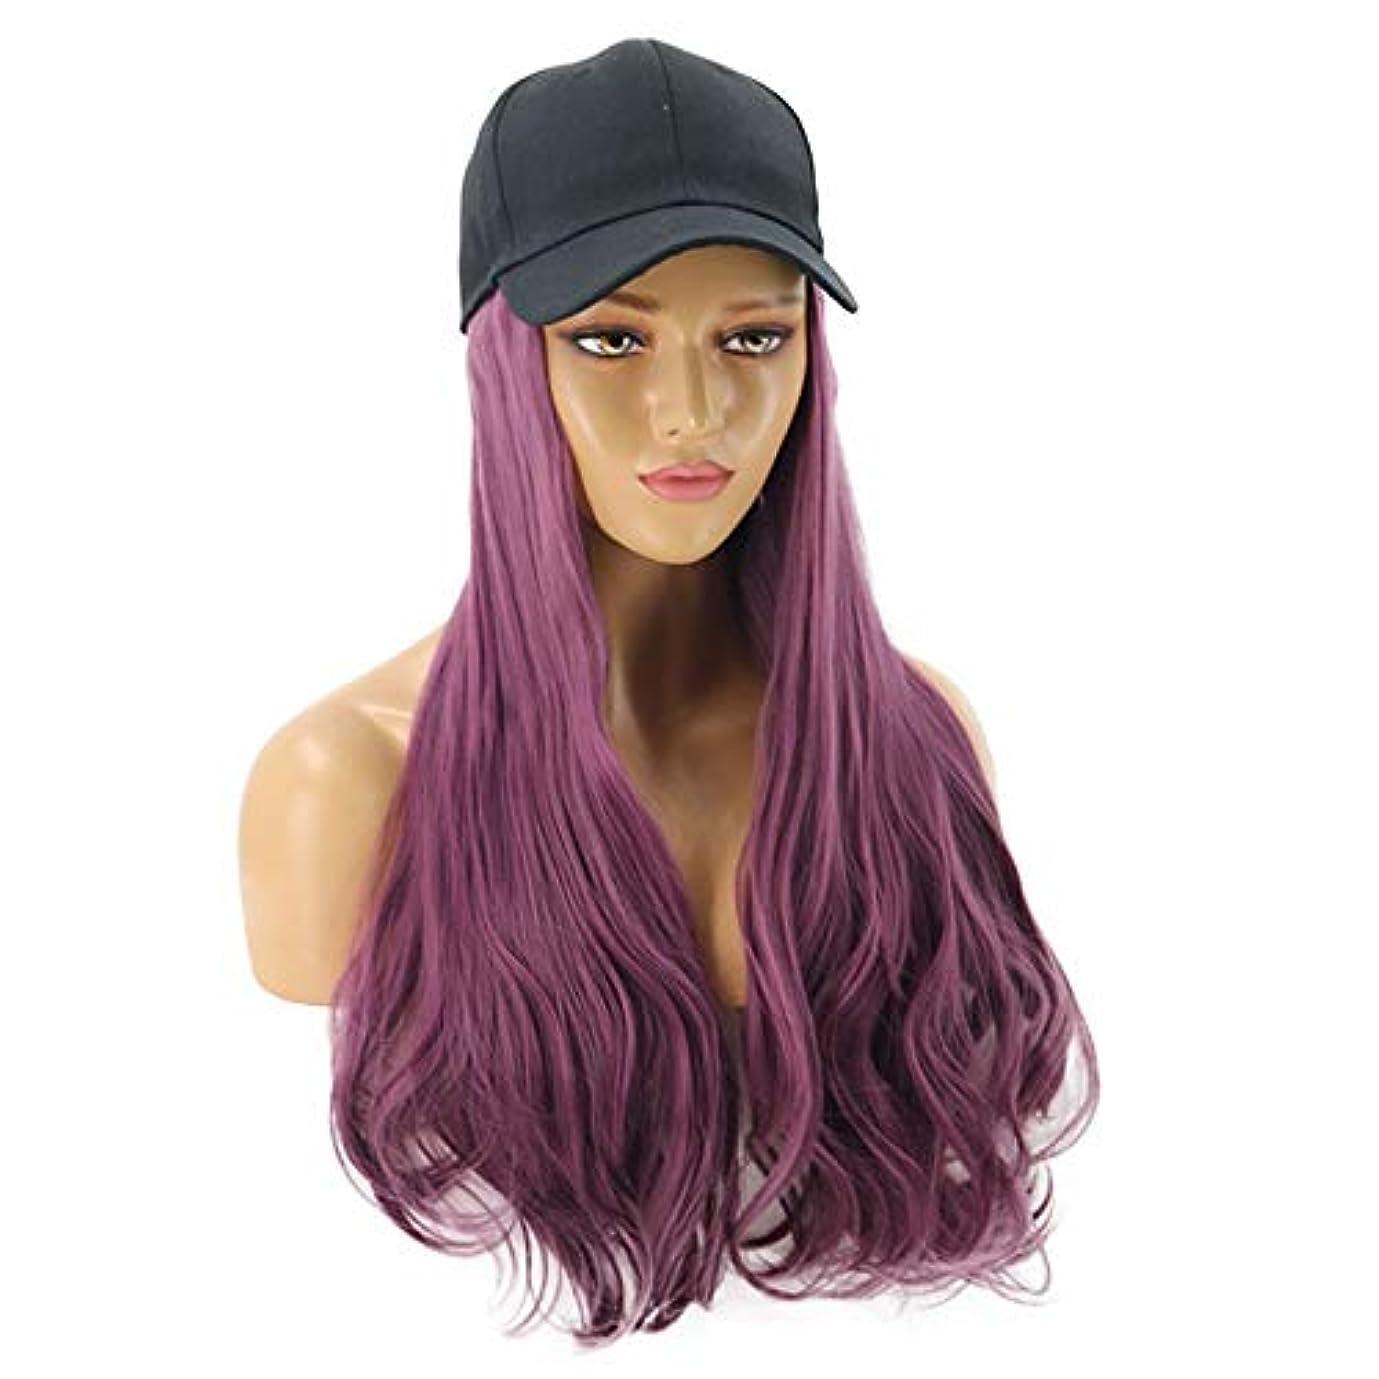 施設気性契約したHAILAN HOME-かつら ファッション藤女性かつらハットワンピースHatの先見の明前髪ウィッグ55センチメートル保持型ワンピース取り外し可能